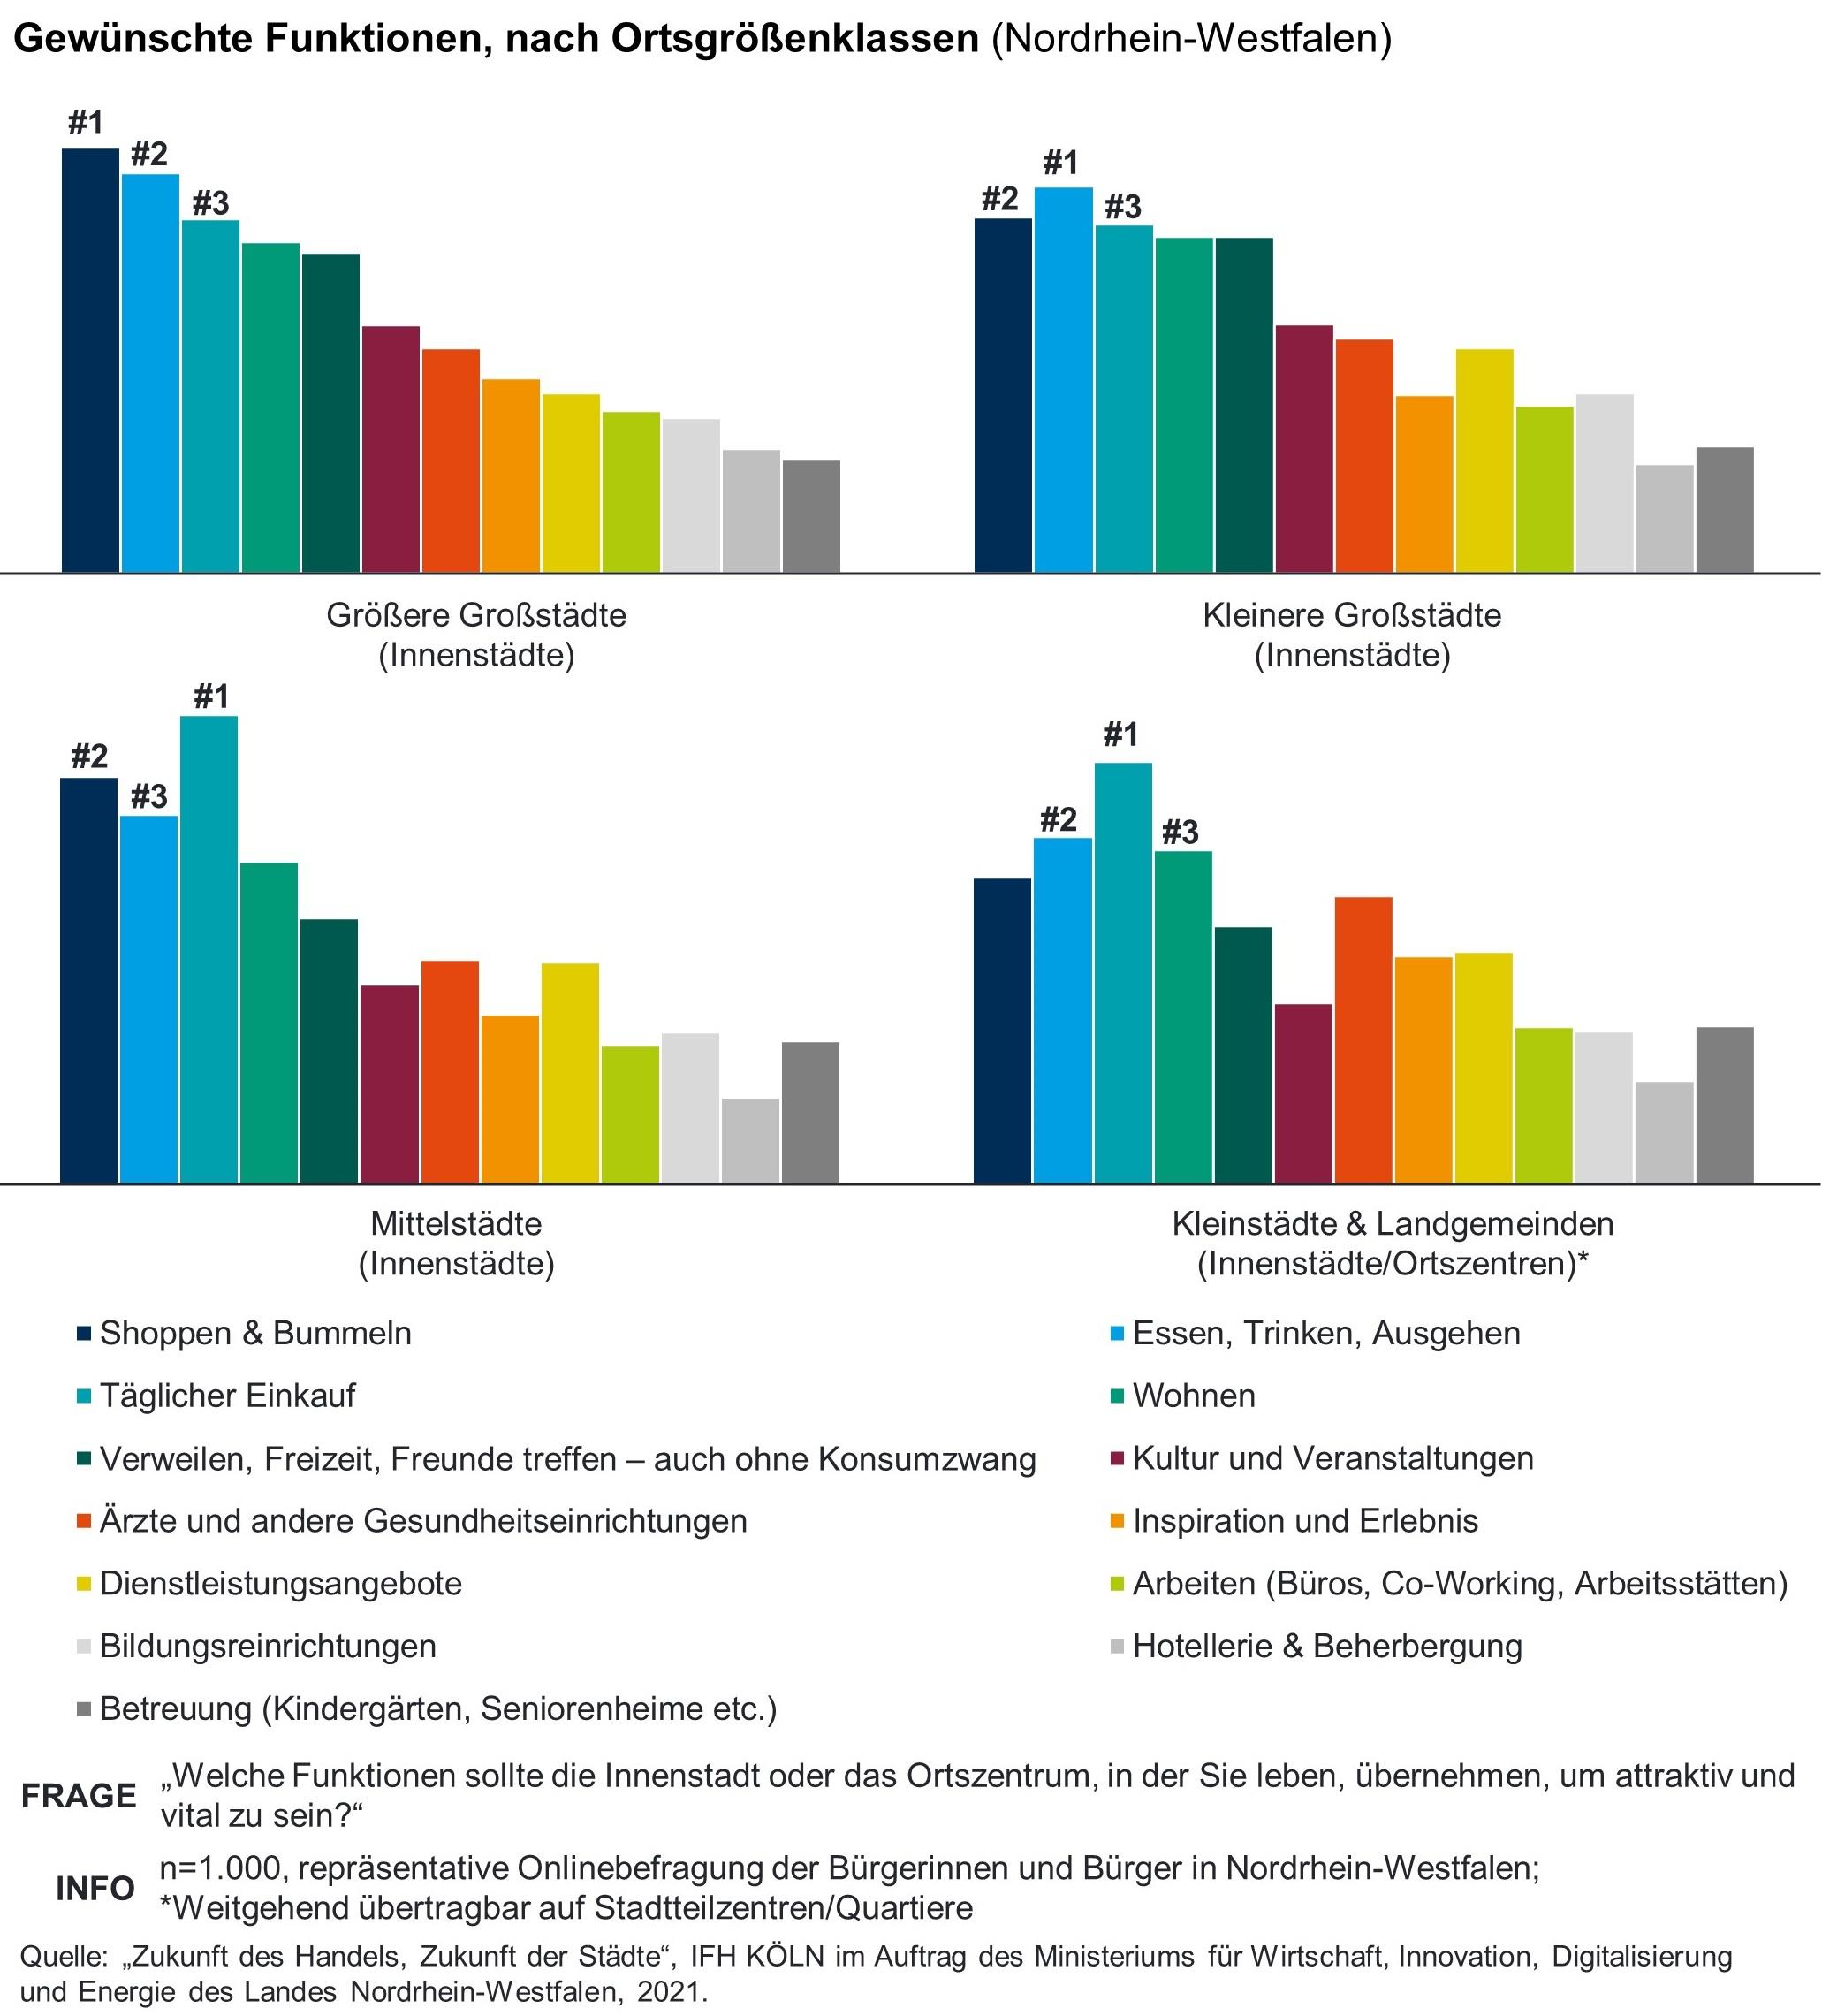 Grafik der gewünschte Funktionen der Städte NRWs